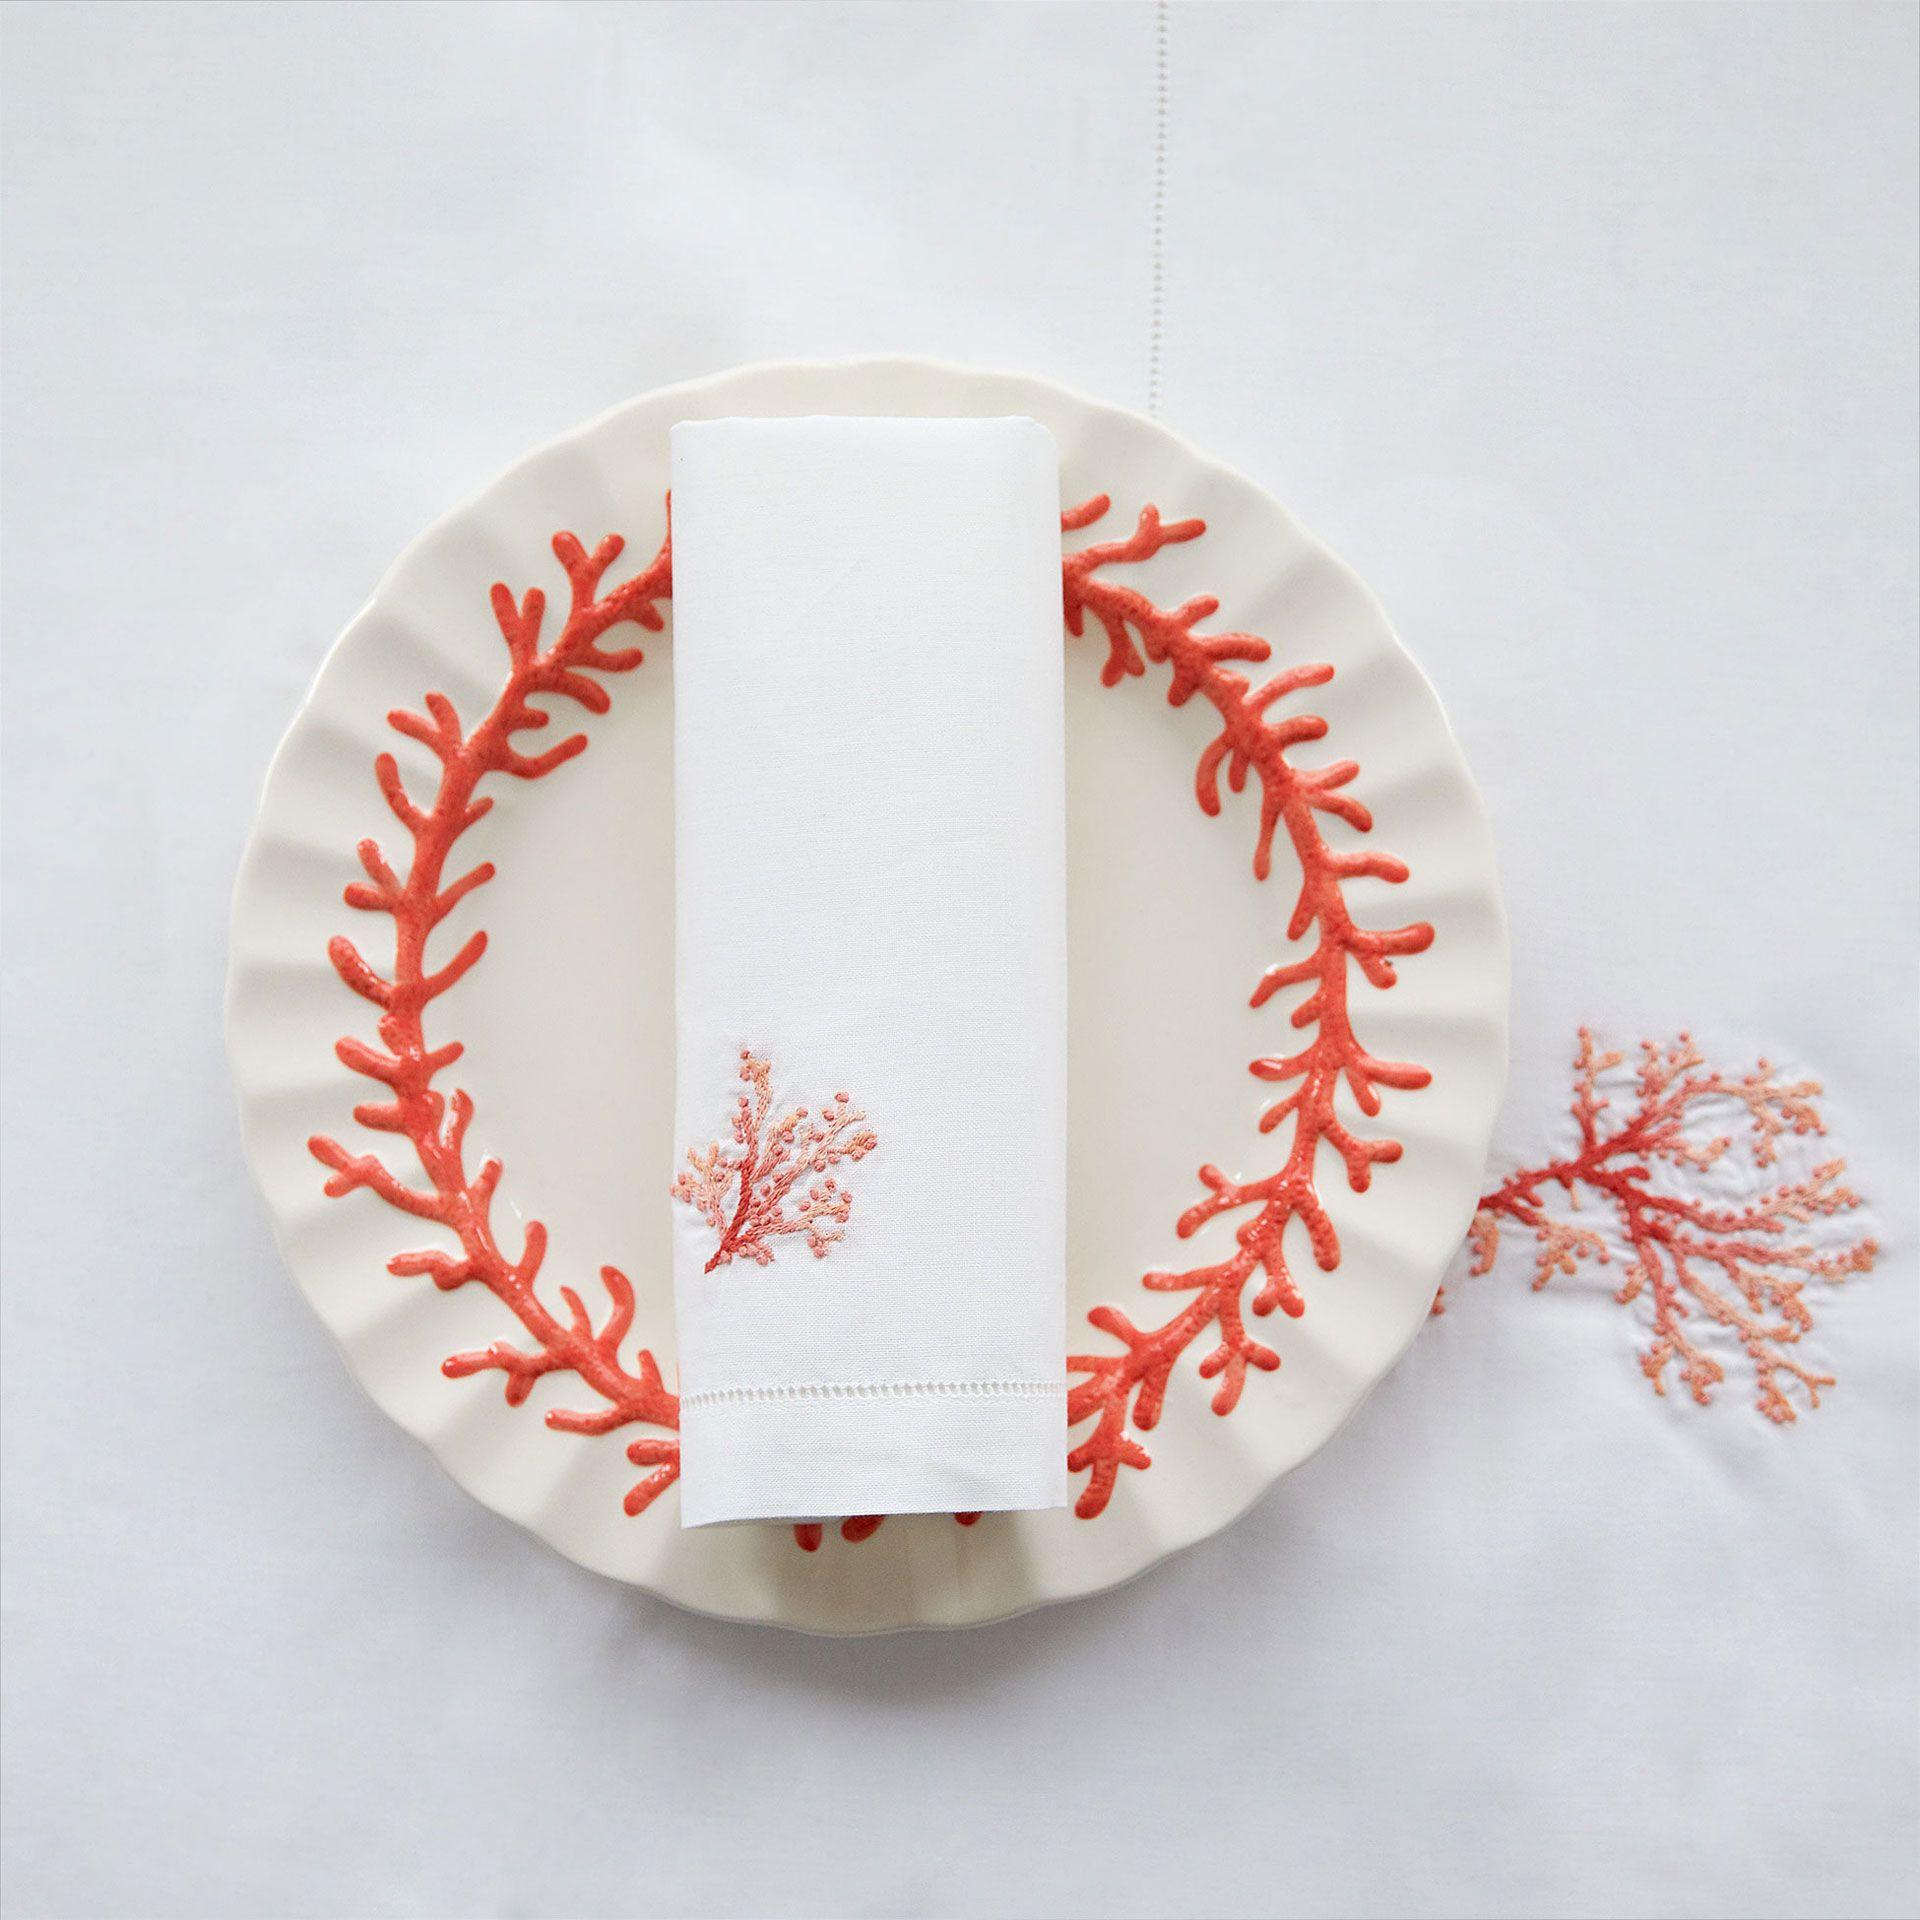 Mantel y servilletas bordado coral mesa nueva for Servilletas papel zara home